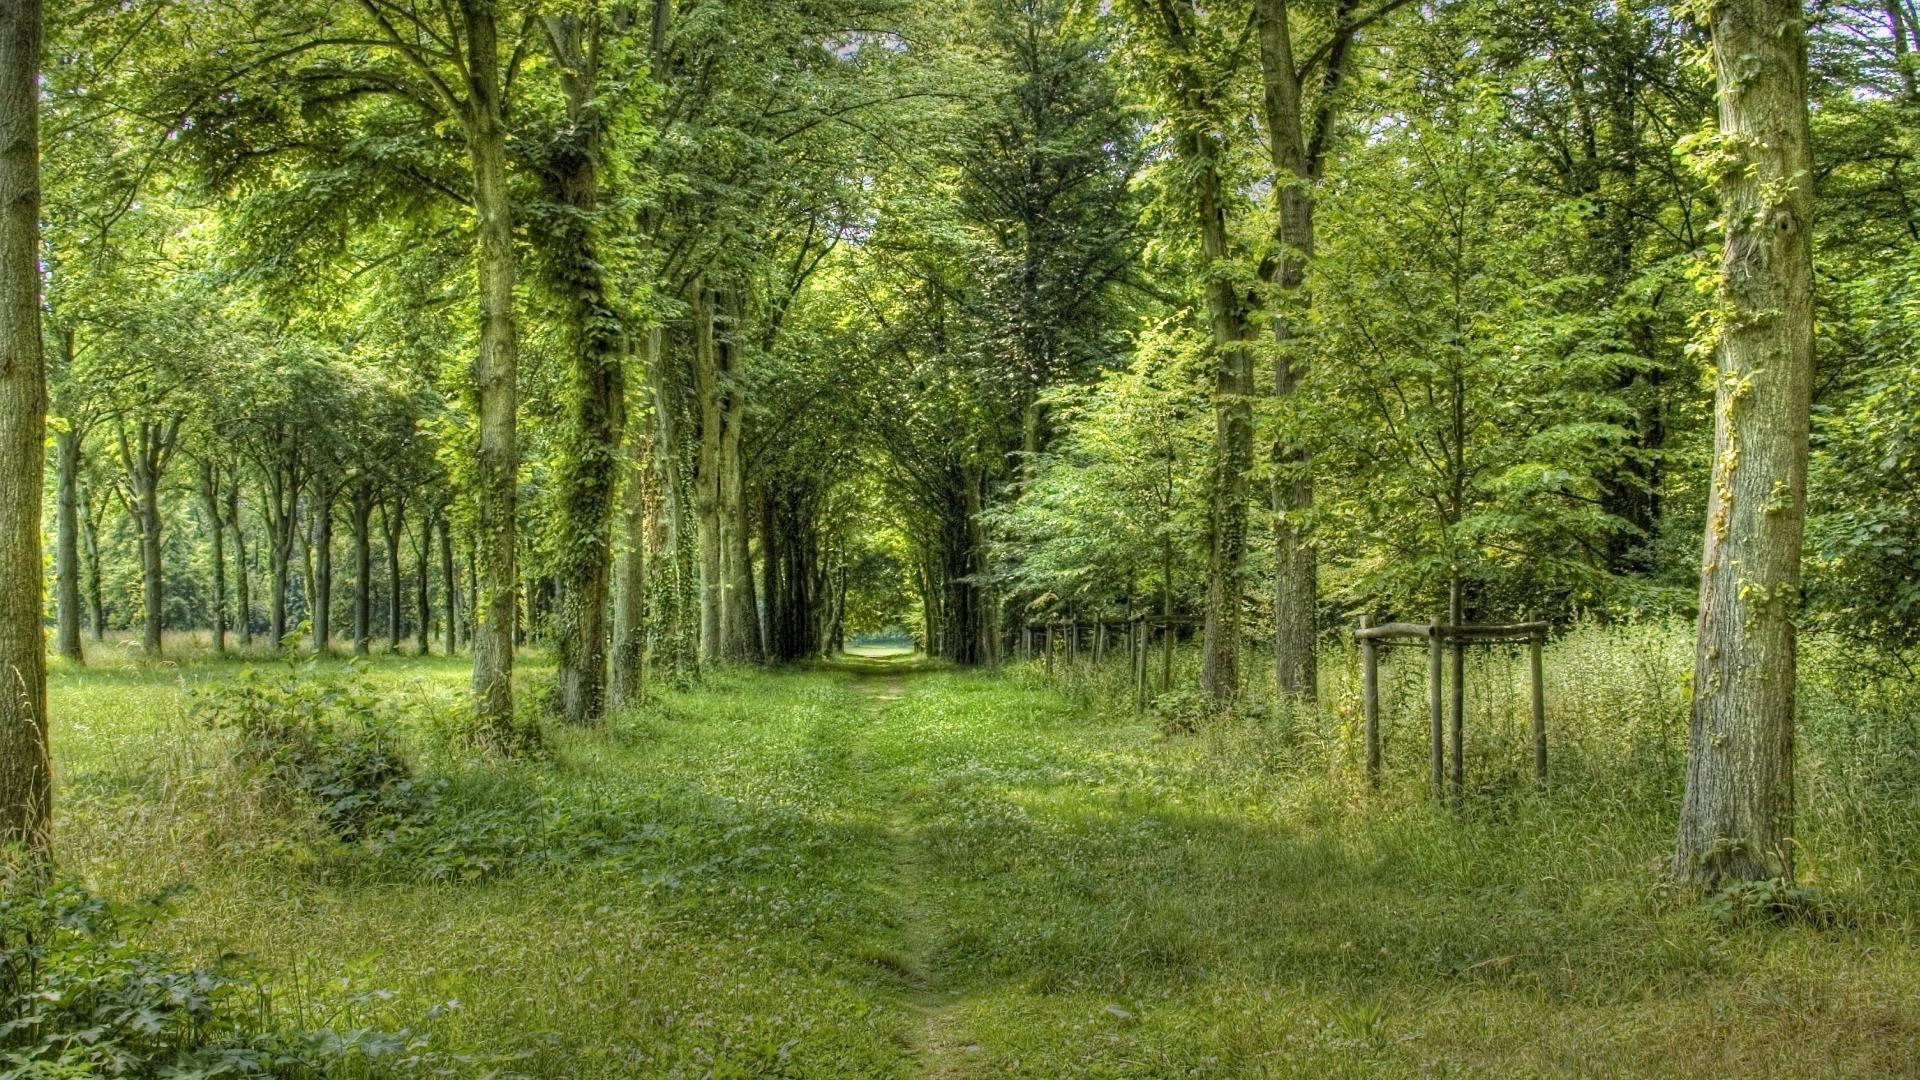 arbres-et-forets-en-pleine-nature_widescreen_01